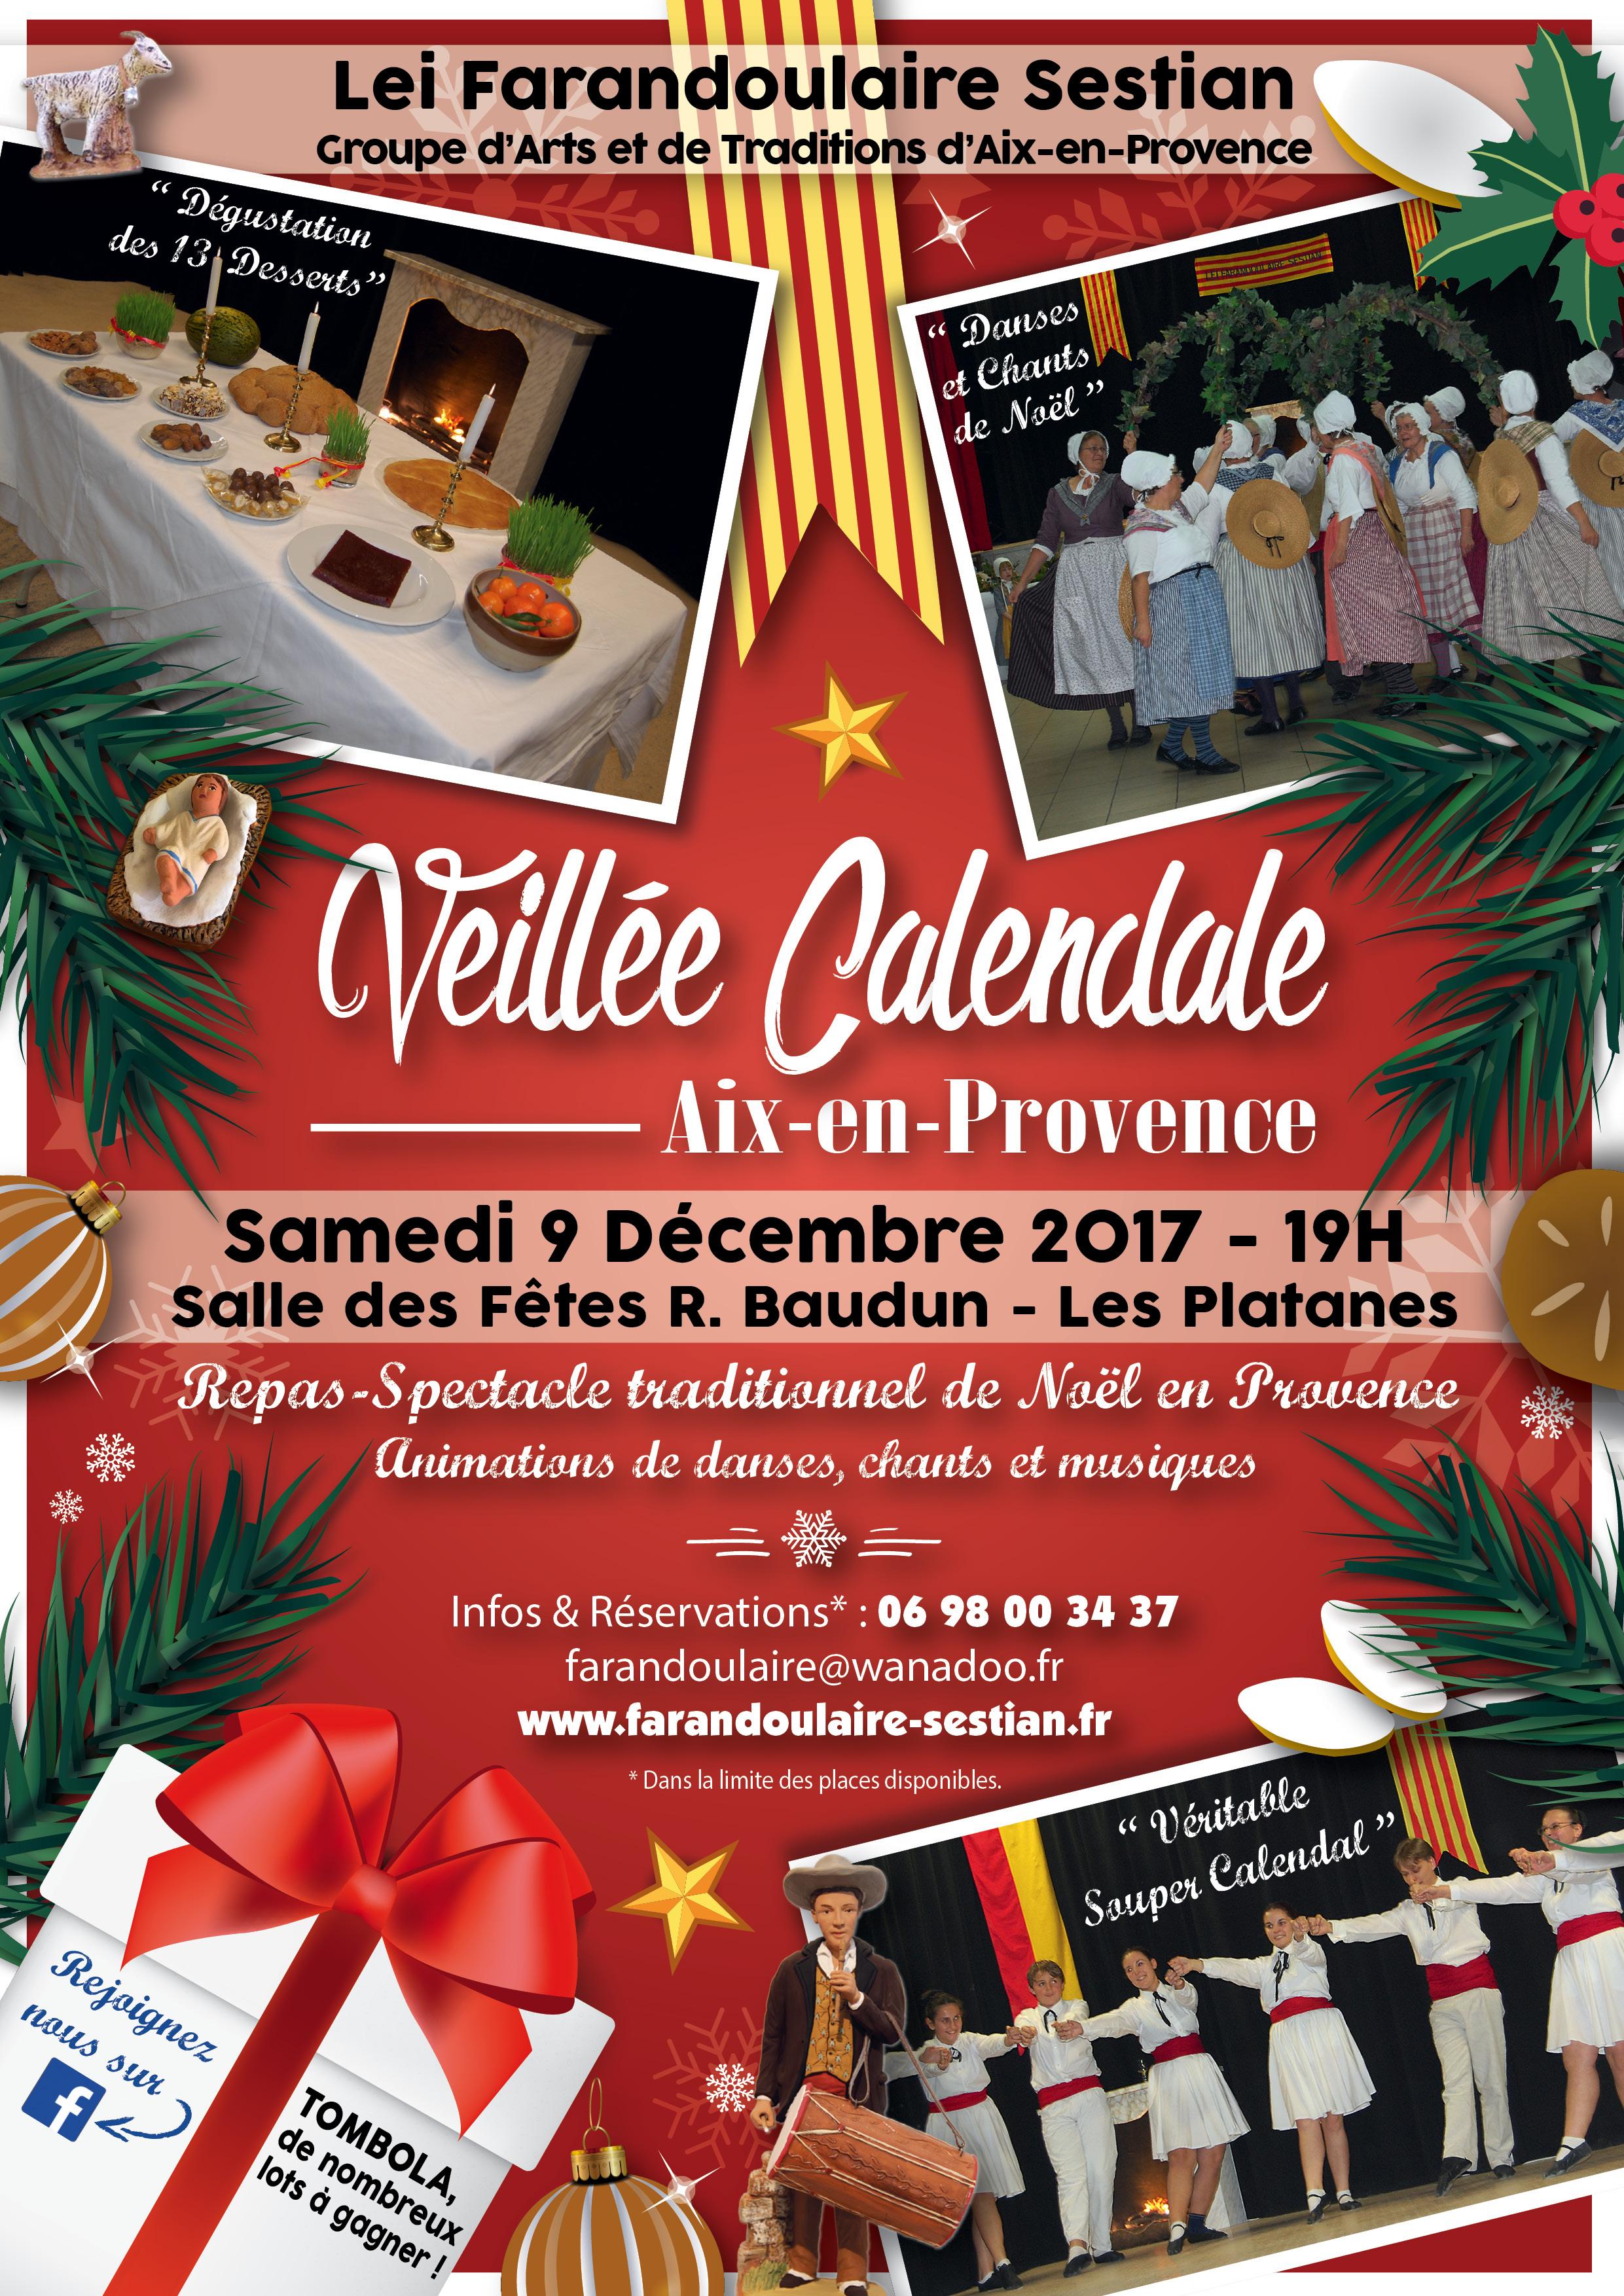 Affiche Veillée Calendale 2017 web